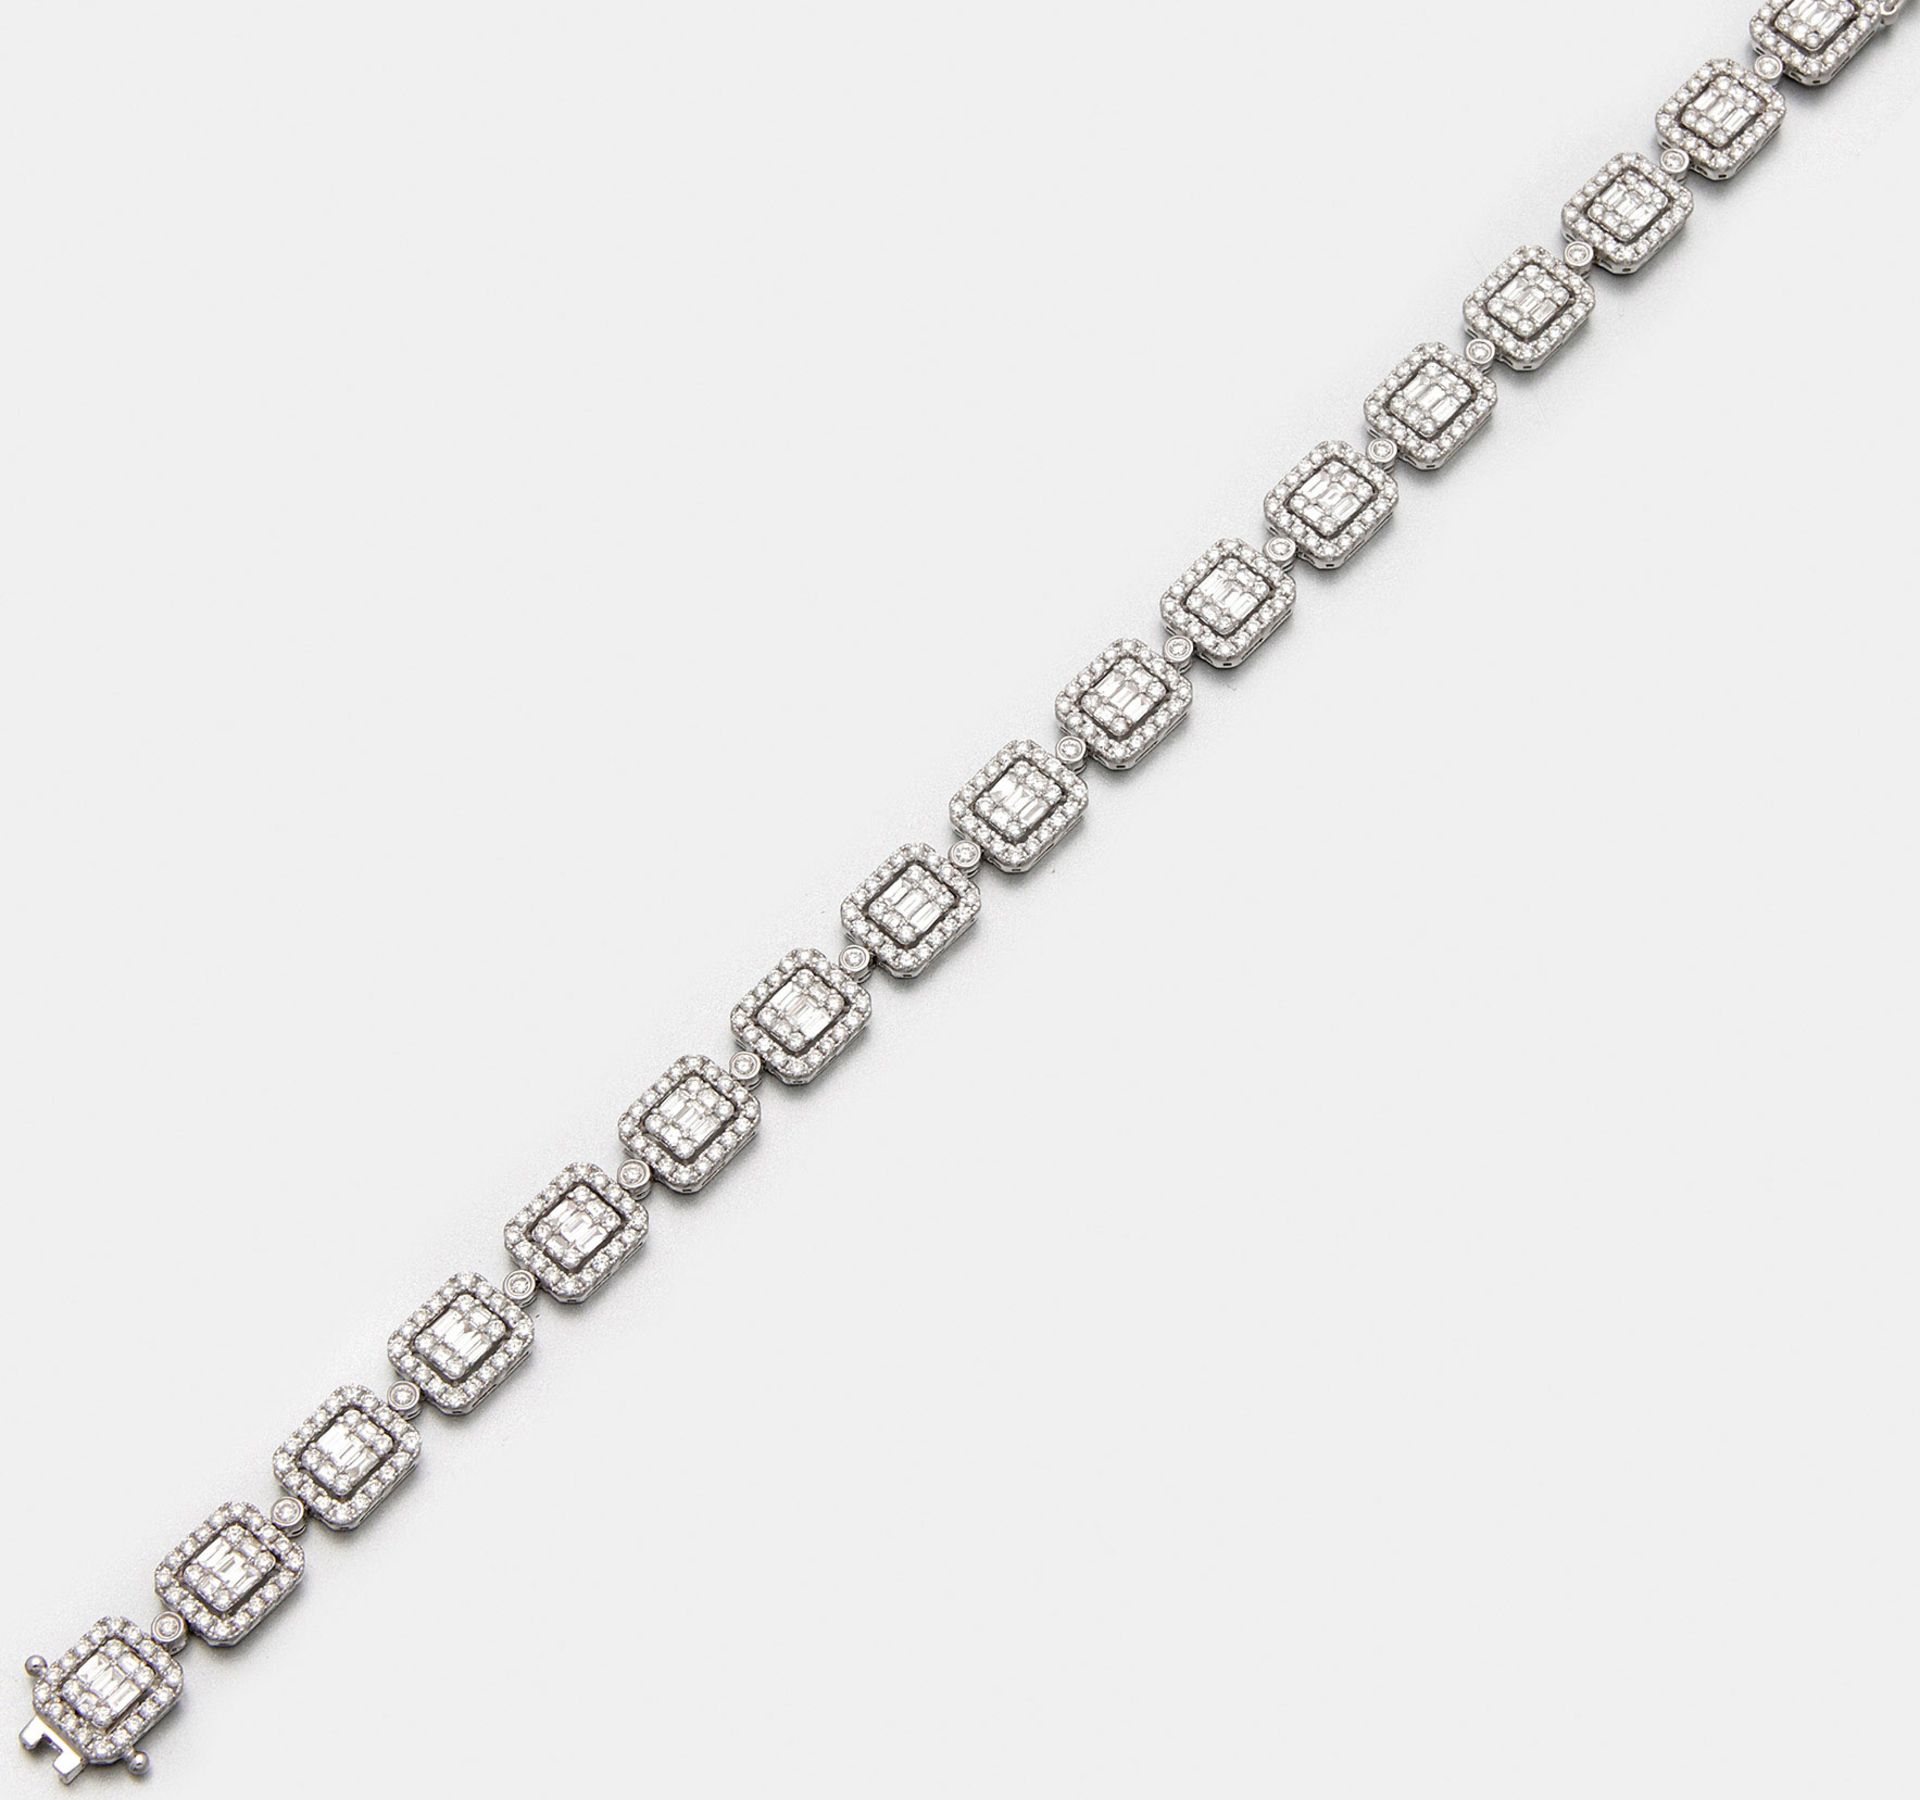 Exquisites Diamantarmband im eleganten Stil der 20er Jahre